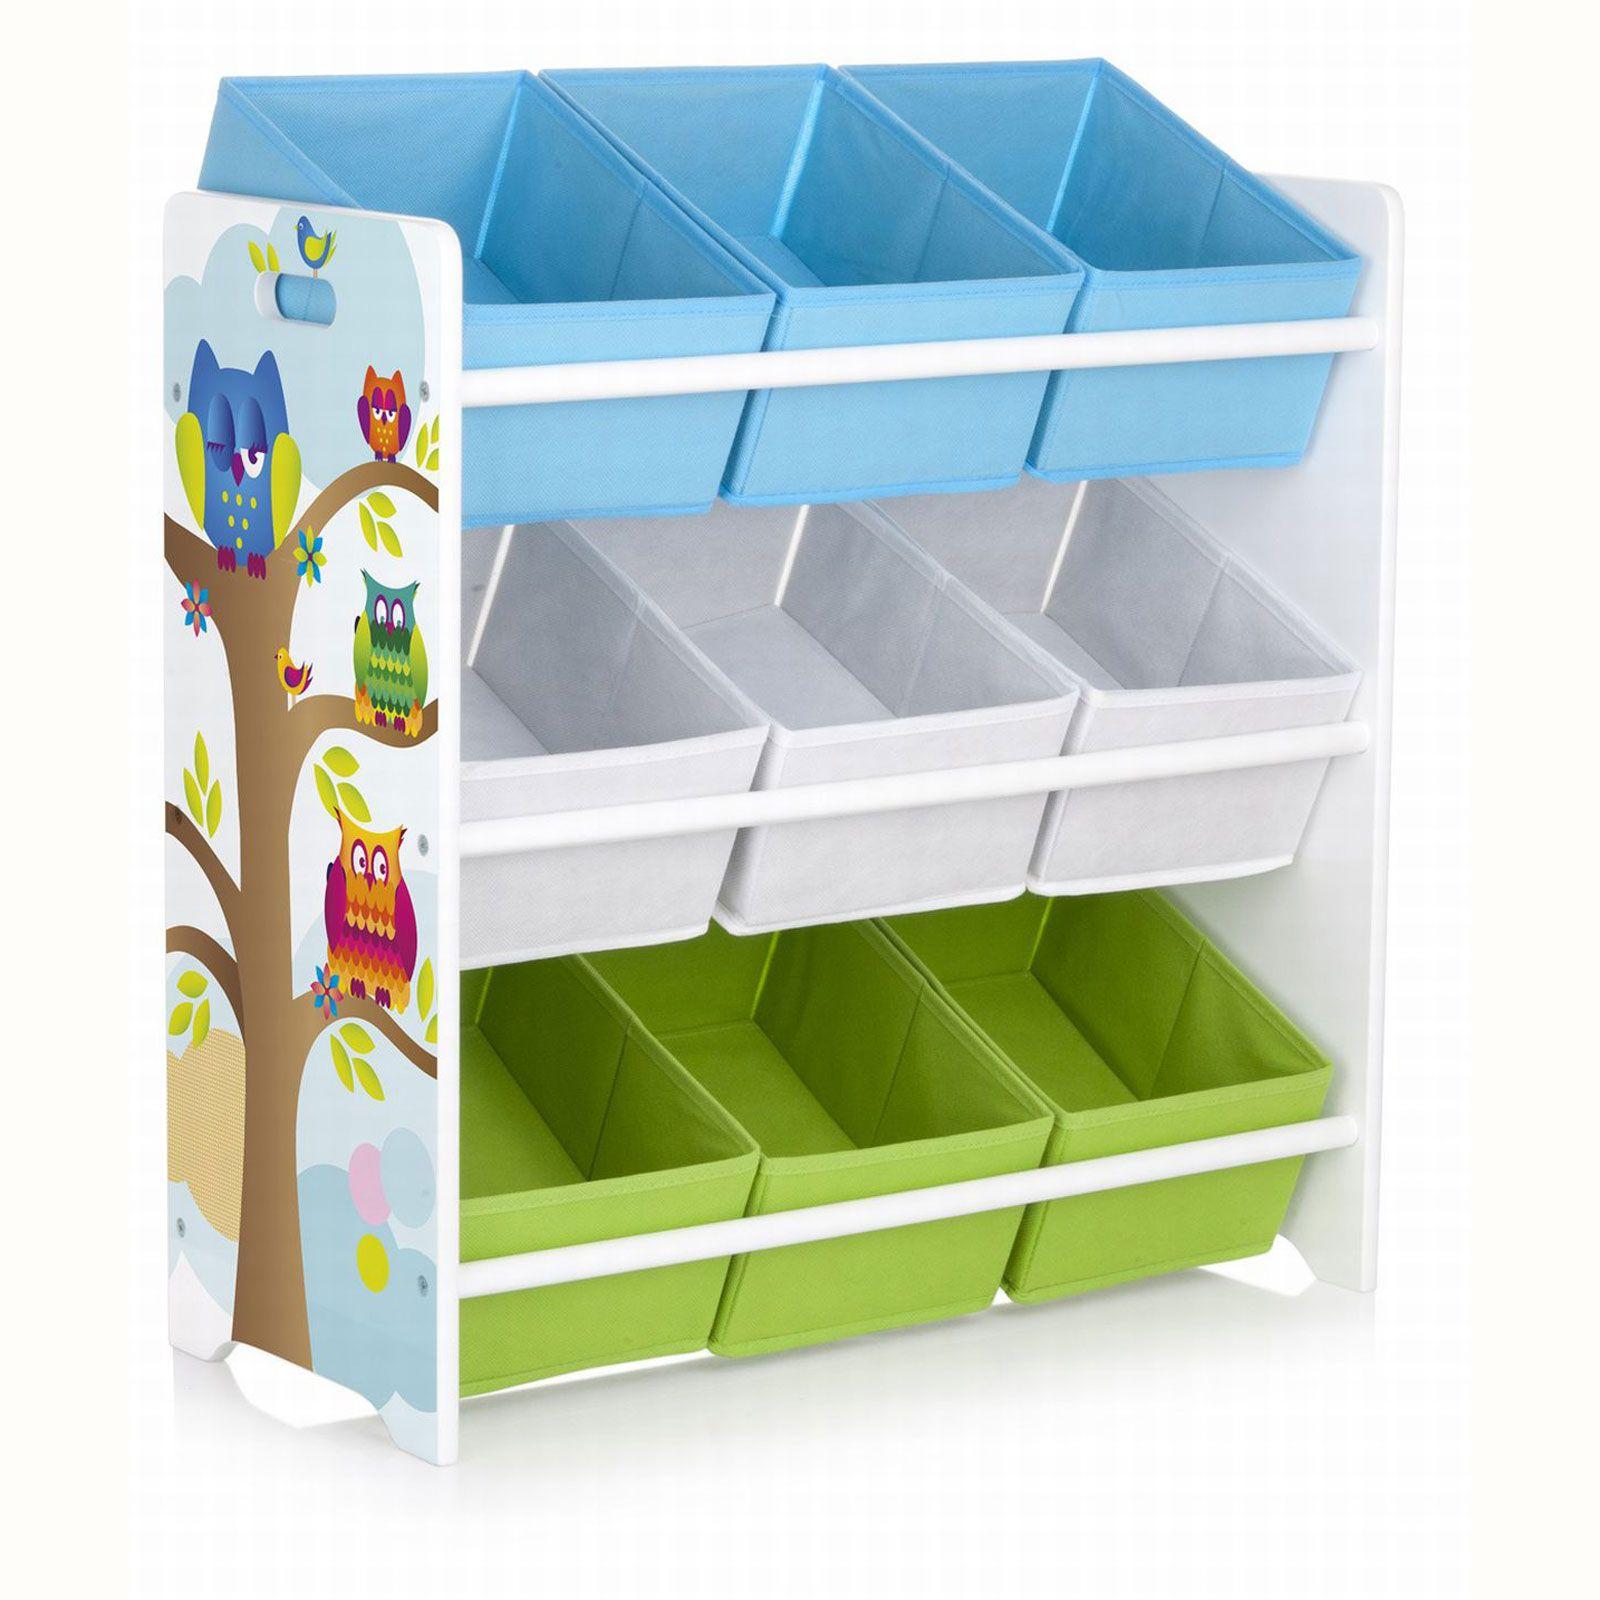 details about owls 9 bin storage unit new mdf kids bedroom furniture